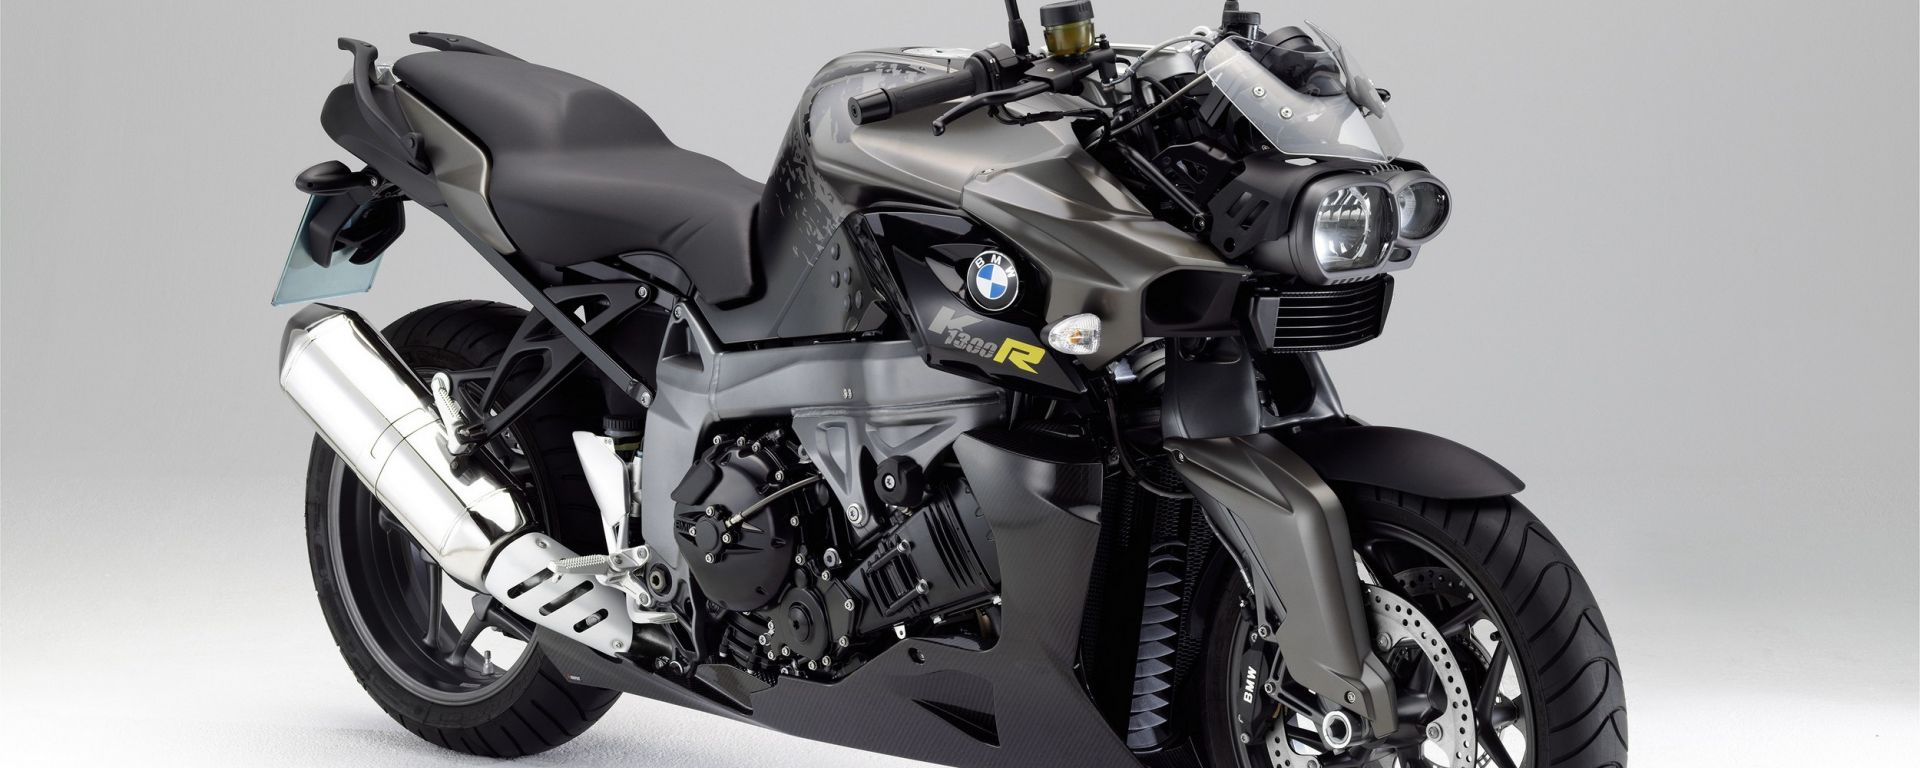 BMW K 1300 R 2012